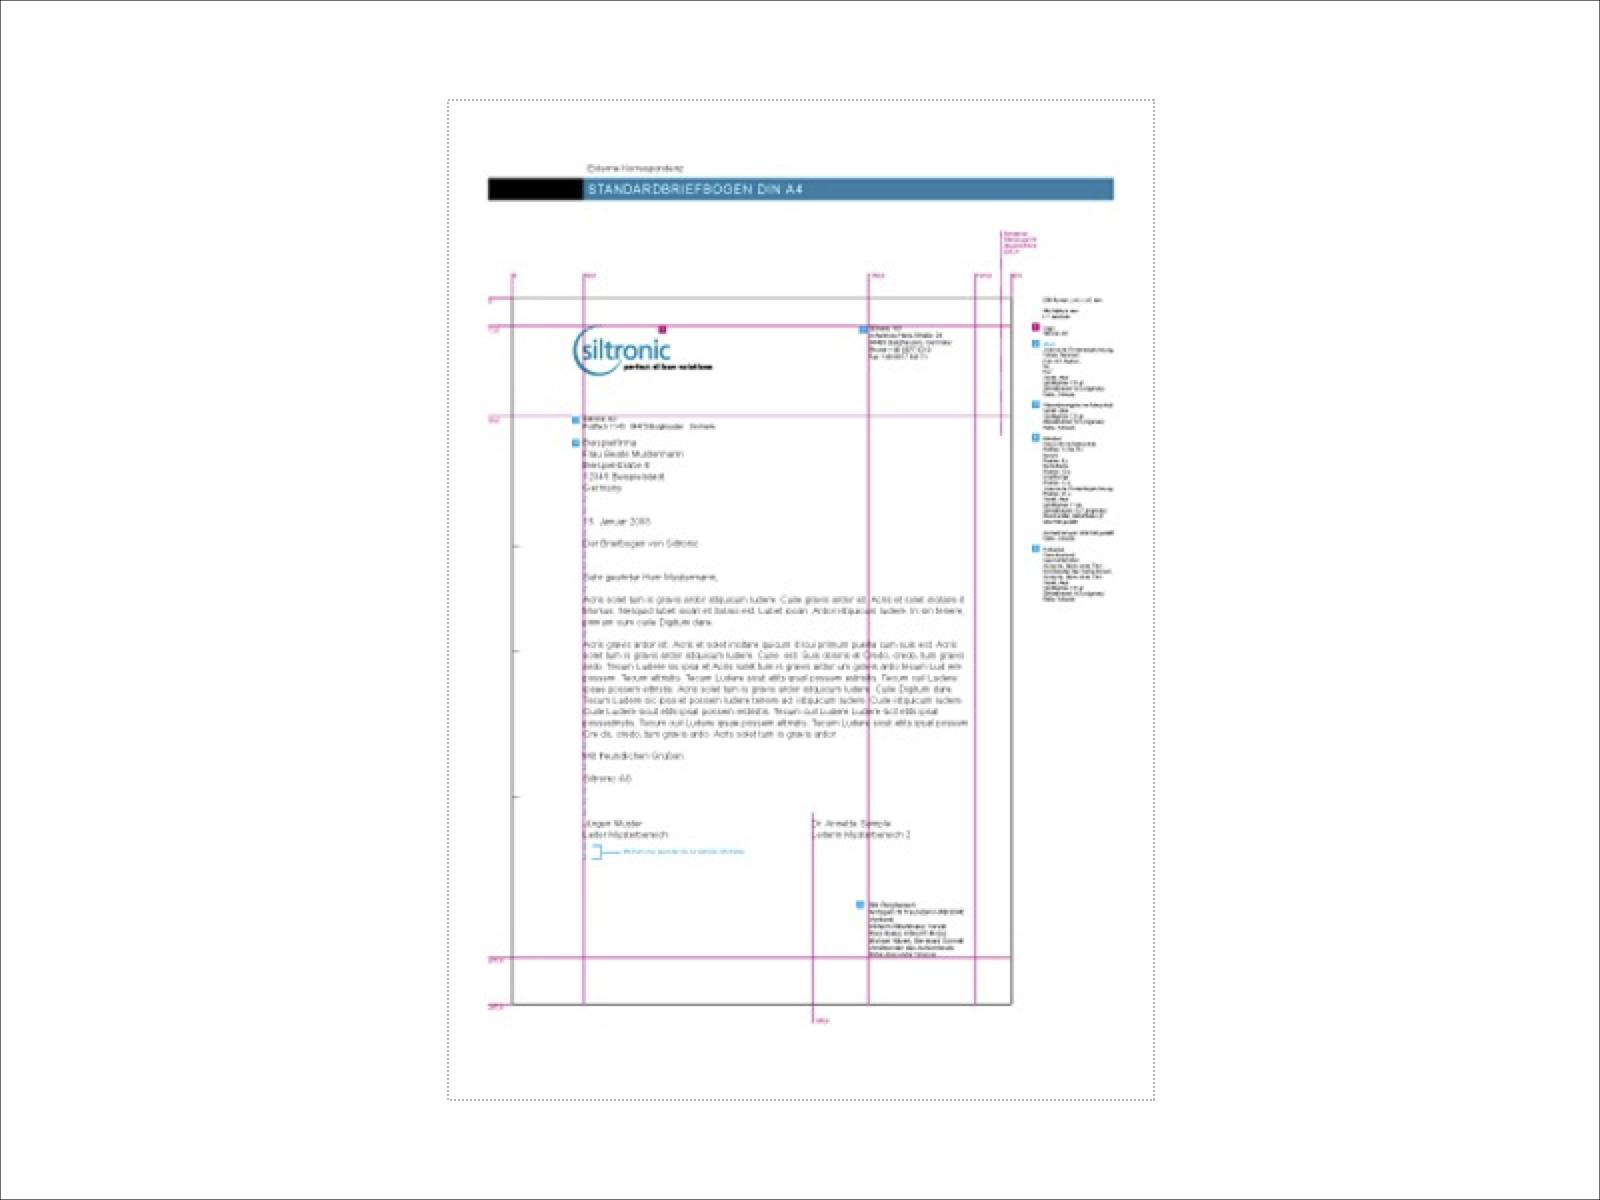 Gestaltung A4-Briefbogen Siltronic